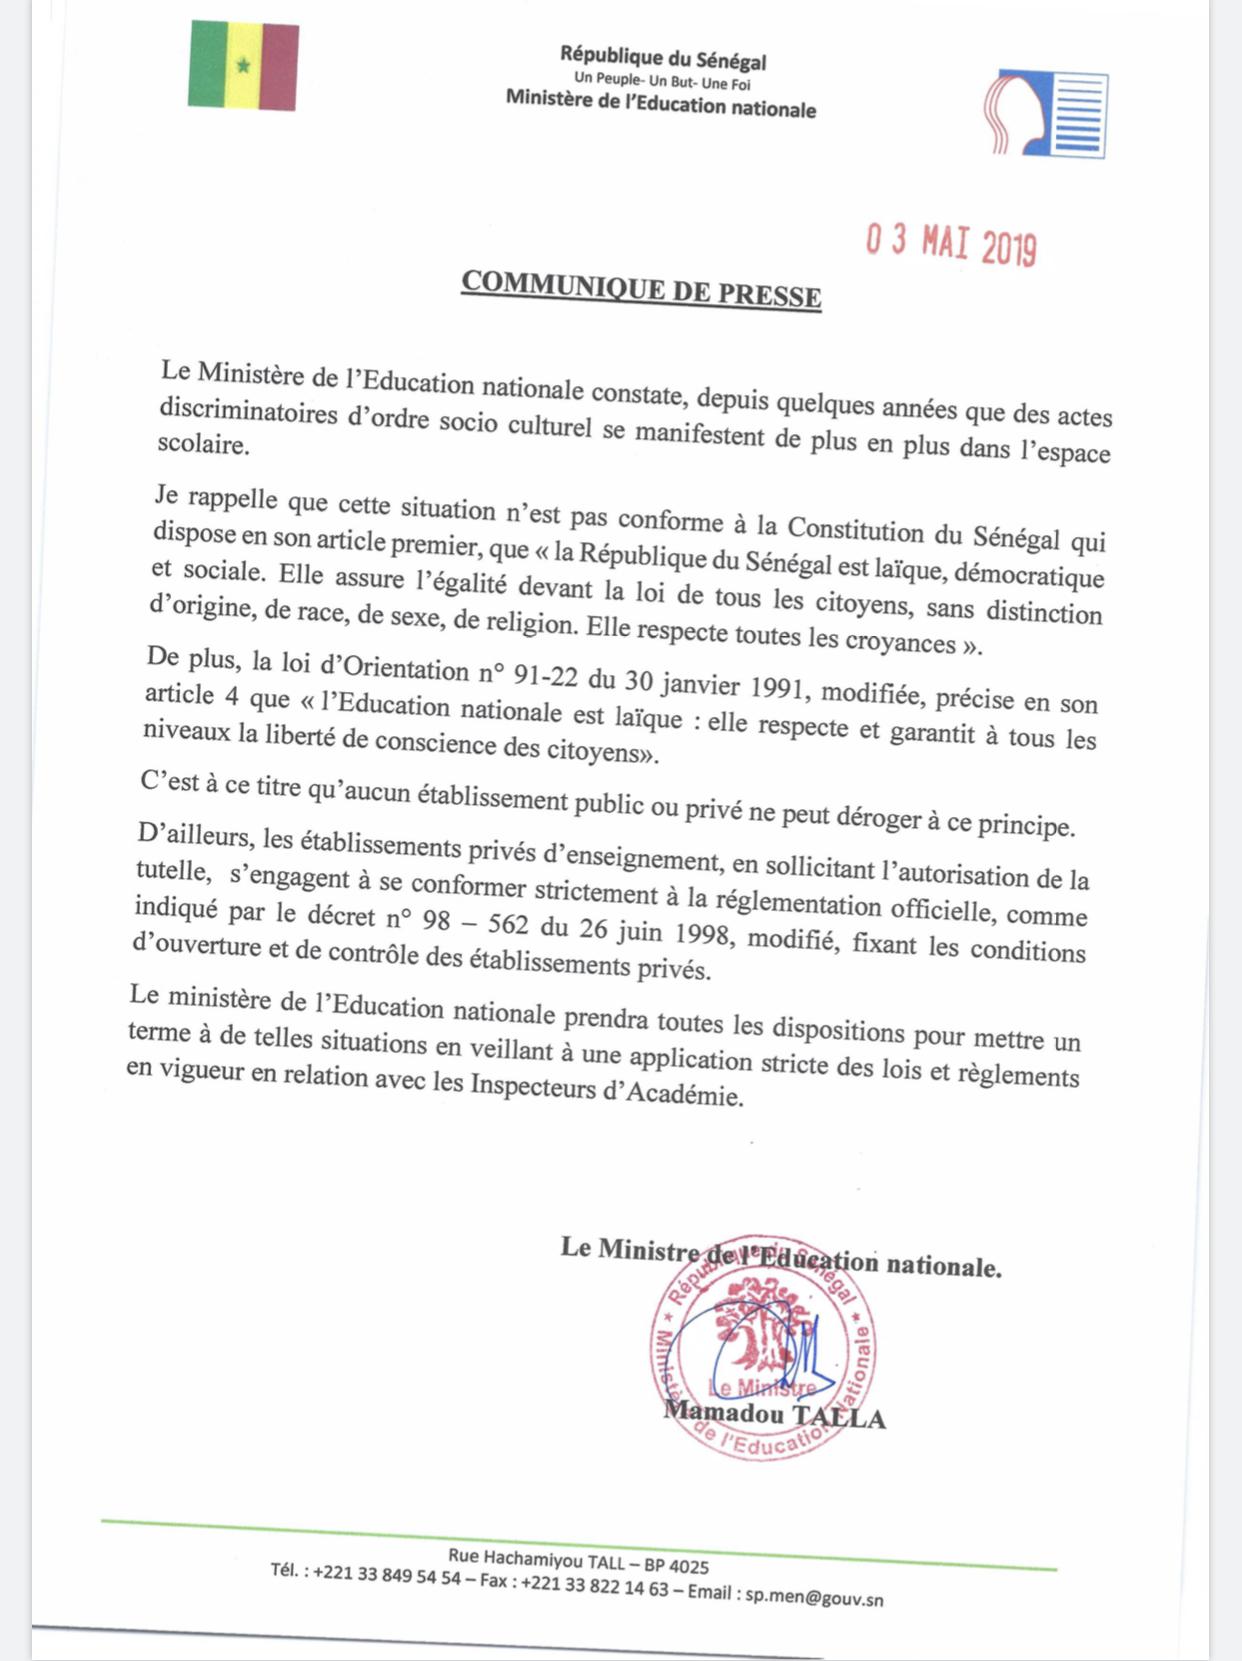 Actes discriminatoires d'ordre socio-culturel dans les écoles : Le Ministère de l'Education nationale menace et précise (DOCUMENT)